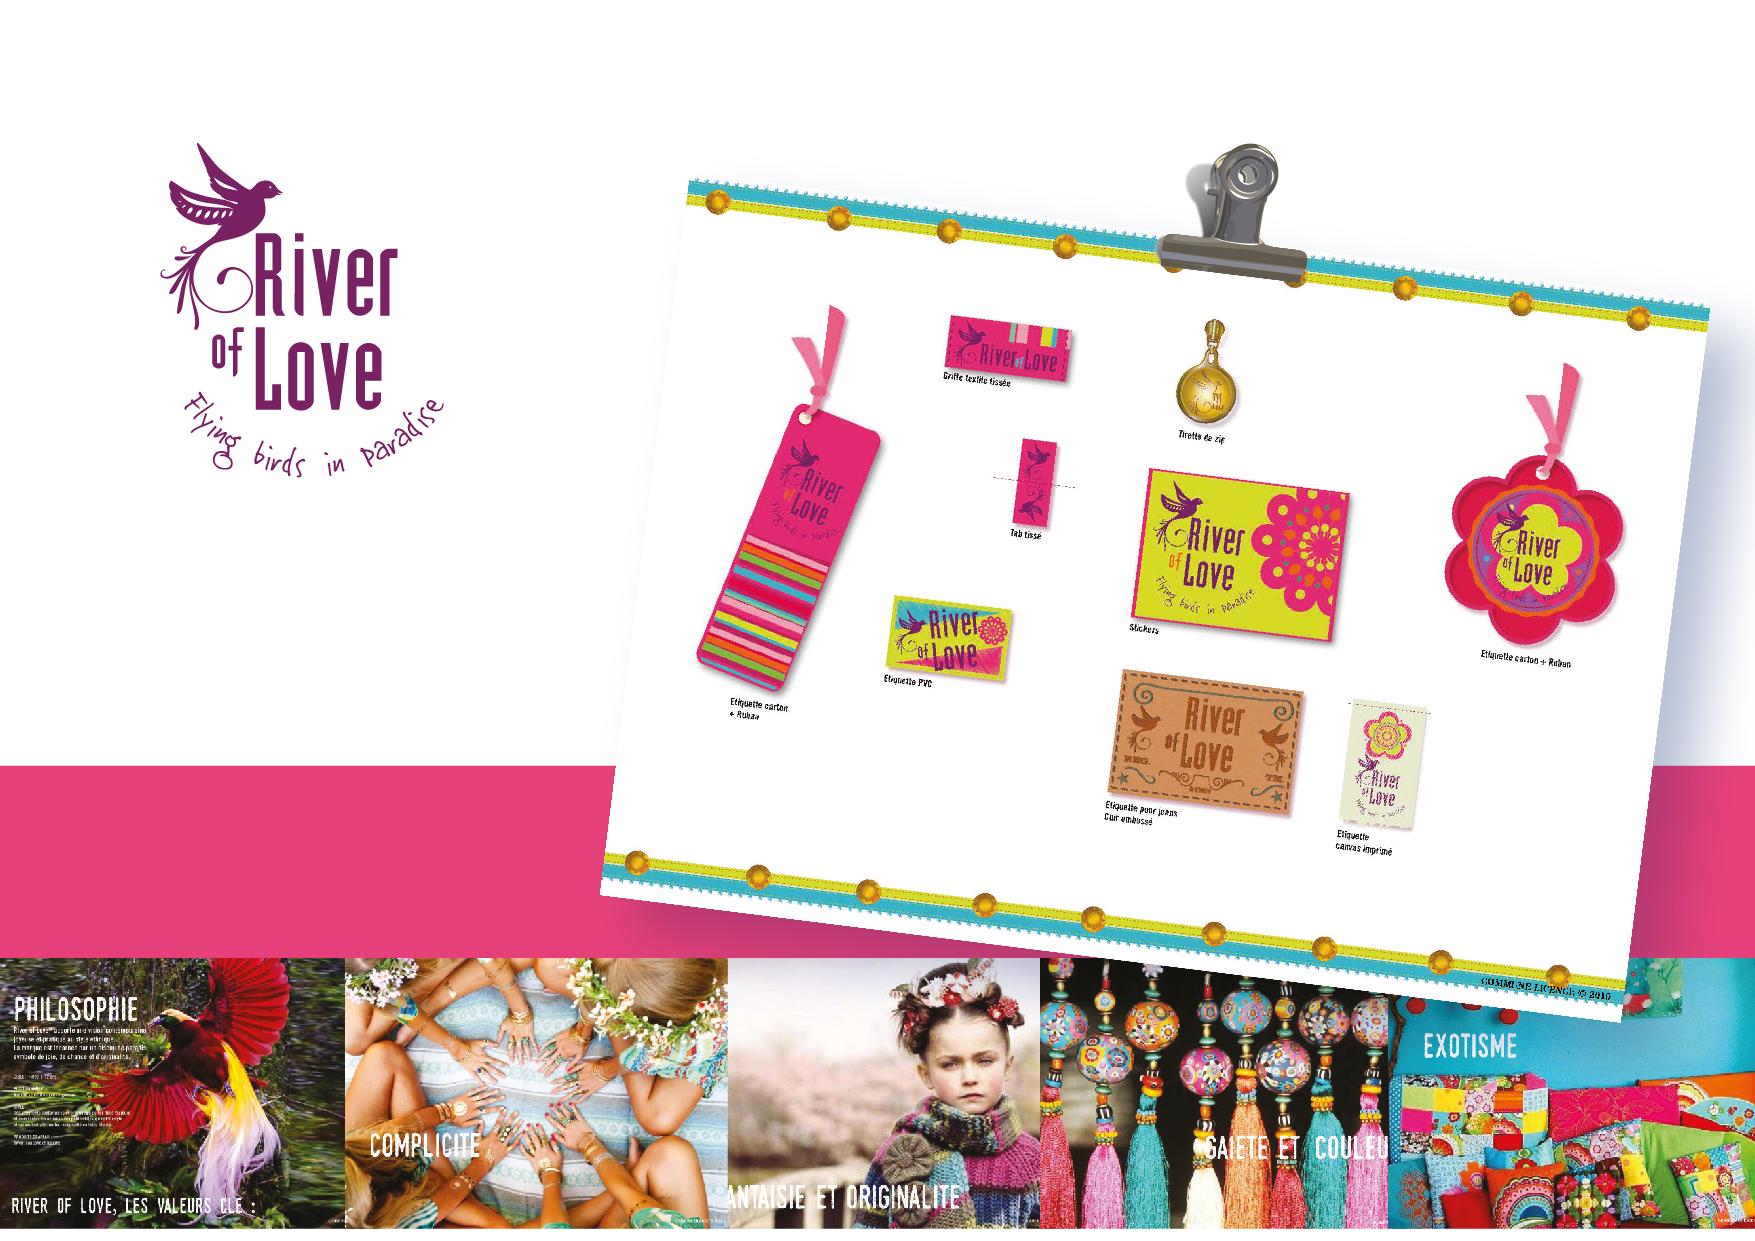 RiverofLove.jpg